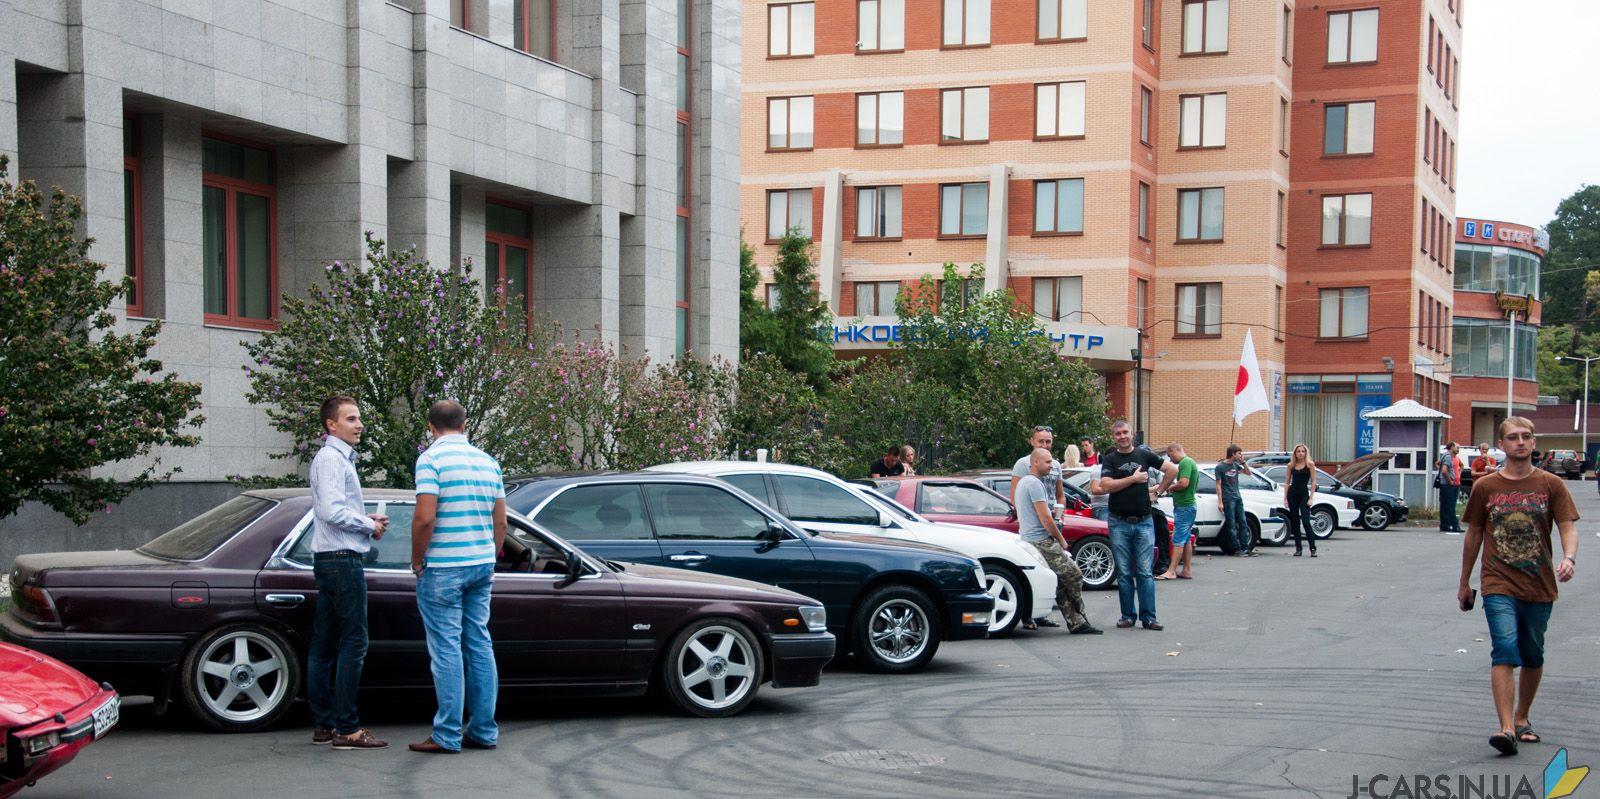 Всеукраинский клуб владельцев праворульных японских автомобилей